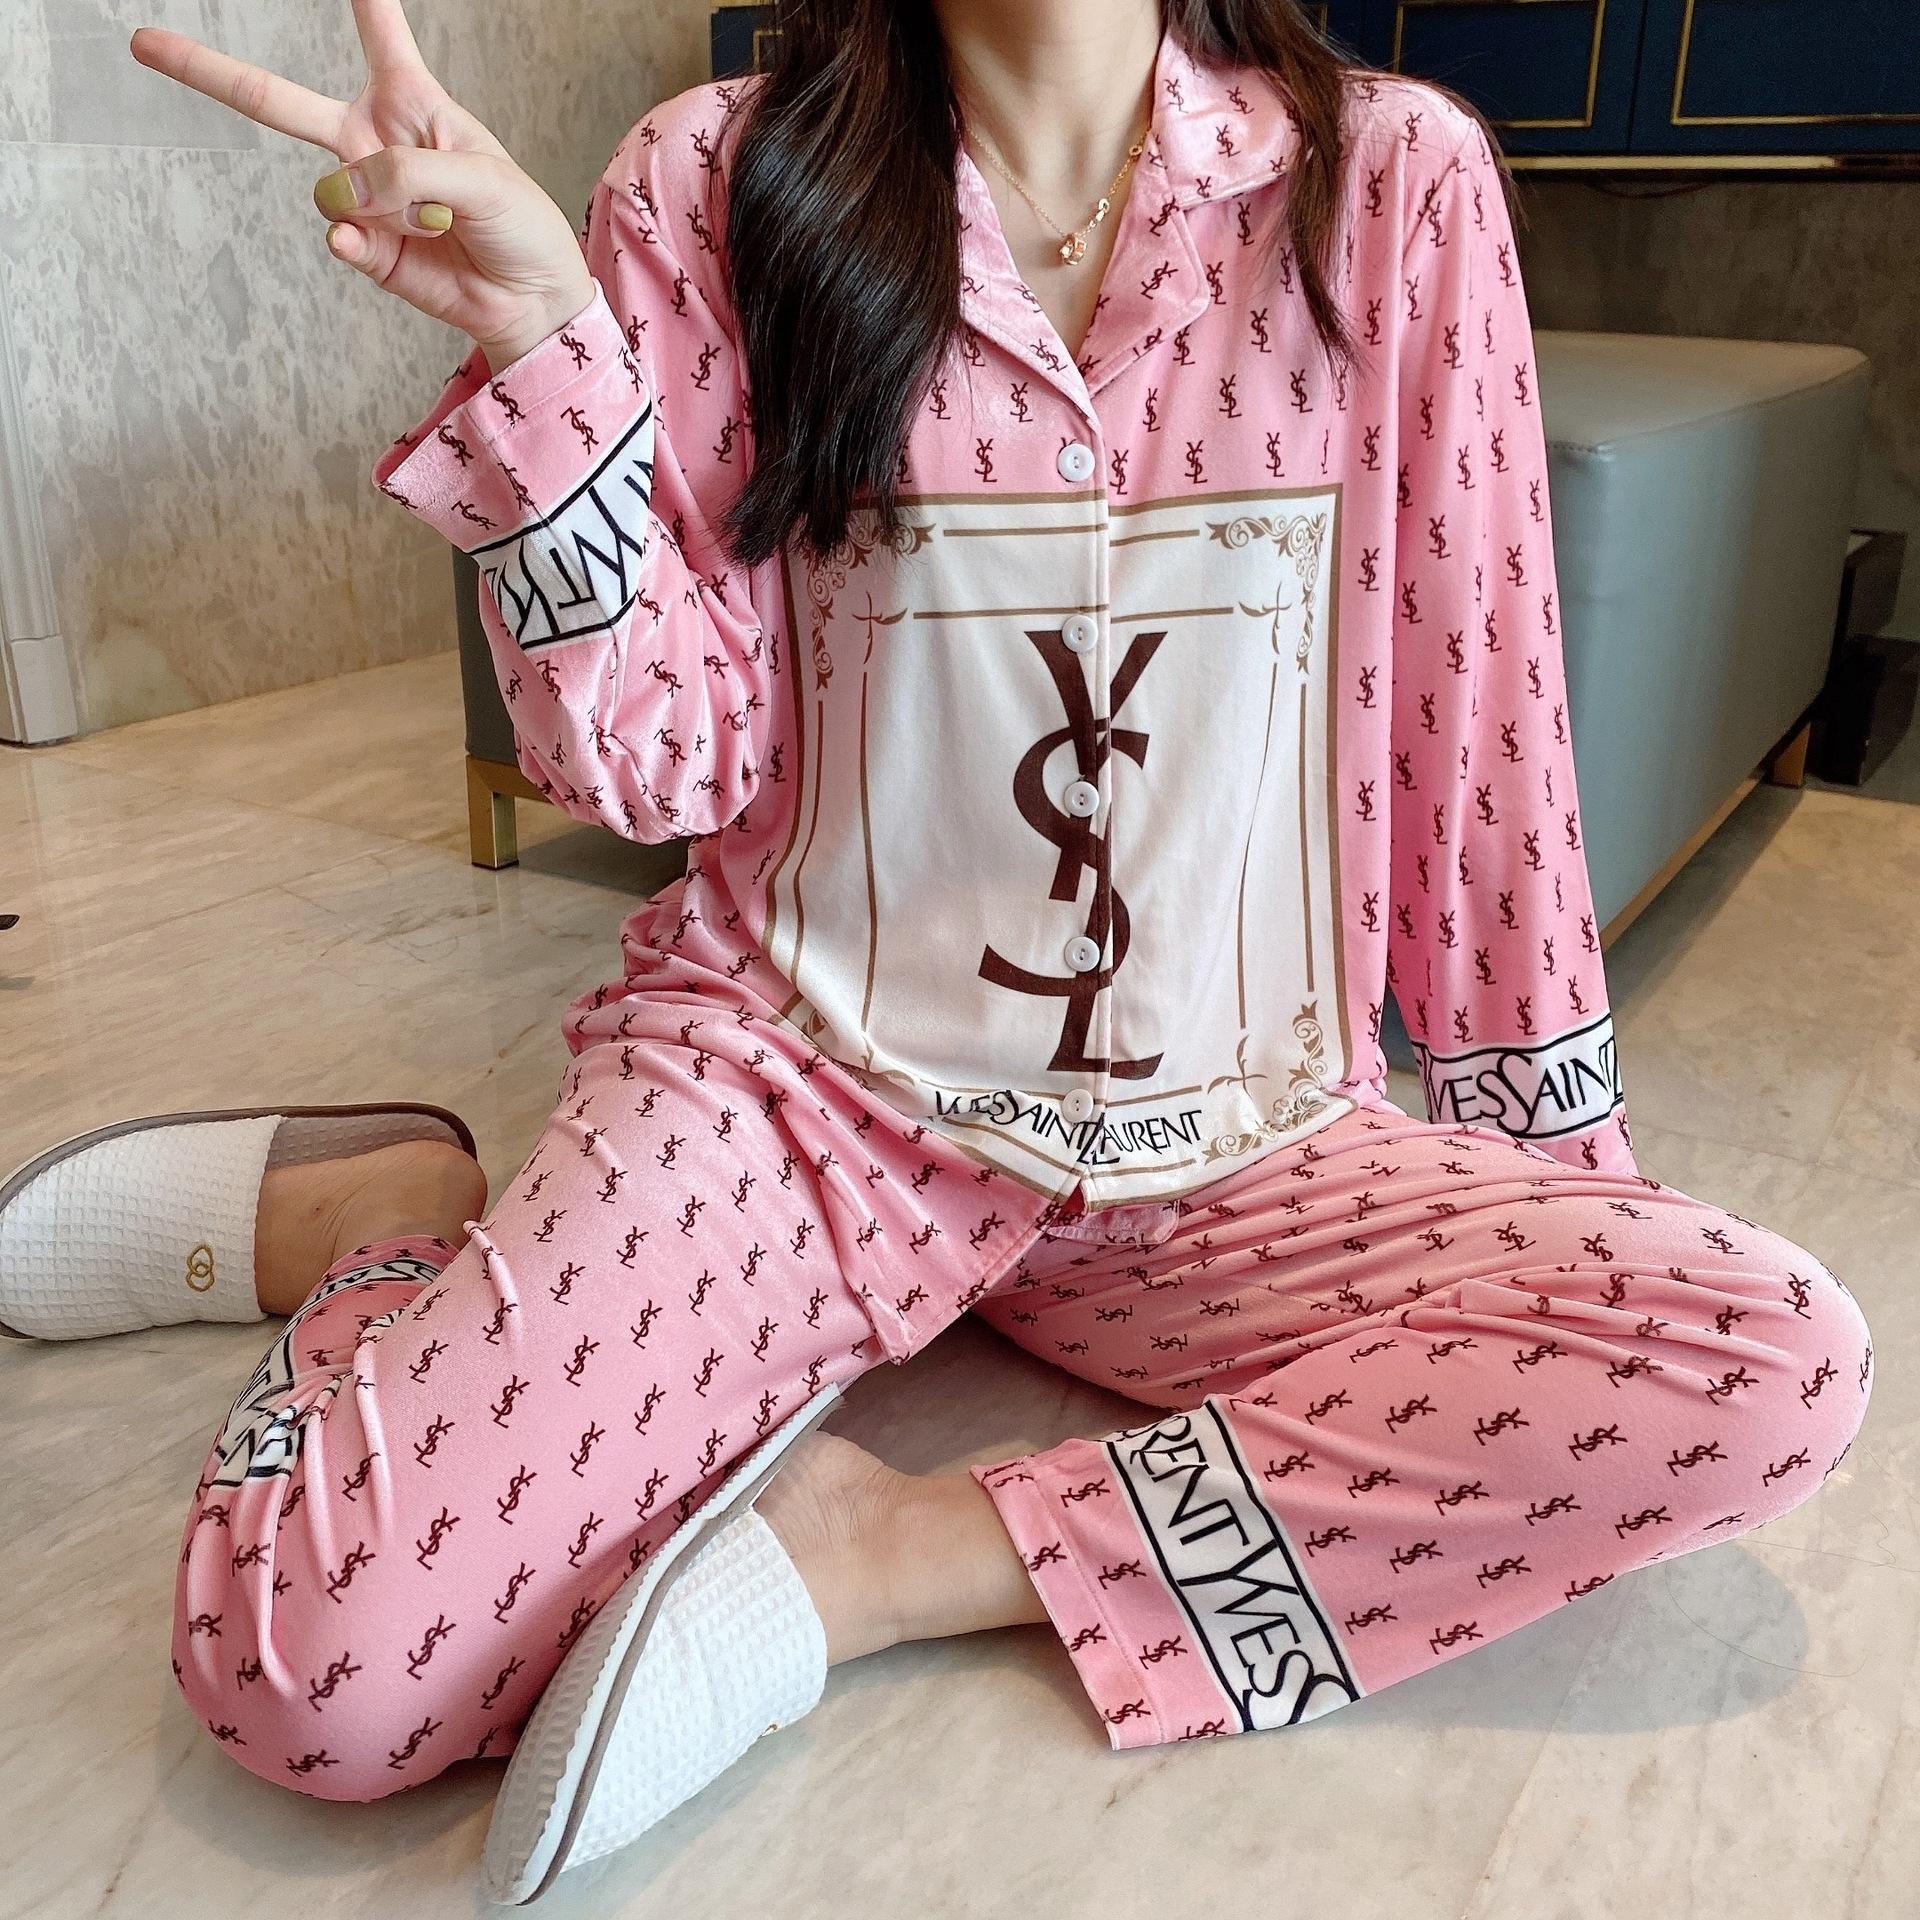 QrtM Kadın 2adet En Popüler Basit Gecelik Şort Pijama Takımı Ana Sling Dantel Dantel Kolsuz Seksi Kıyafet Çiçek Baskılı pijamalar